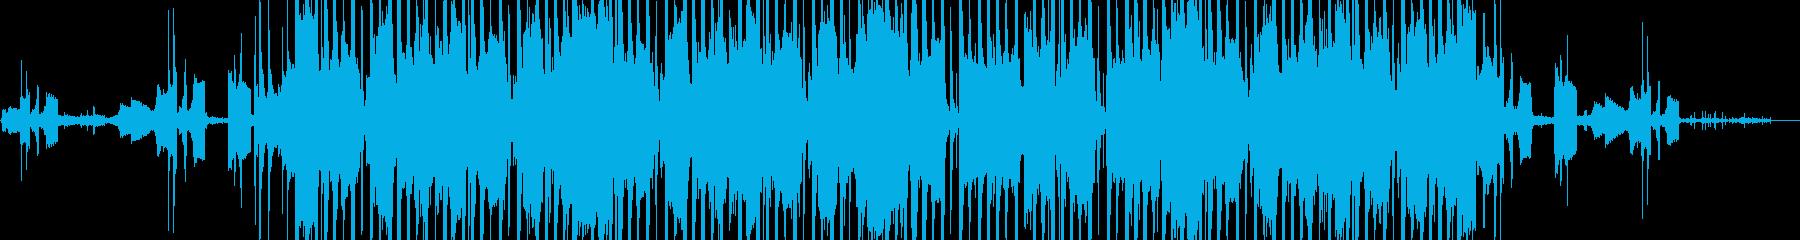 レトロ ゆっくり 魅惑 ファンタジ...の再生済みの波形